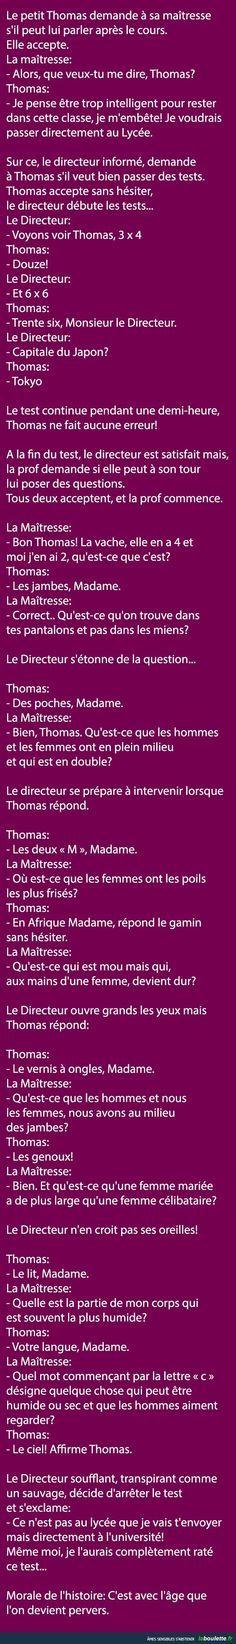 Le petit Thomas demande à sa maîtresse s'il peut lui parler après le cours... | LABOULETTE.fr - Les meilleures images du net!: Rage, Funny Jokes, Hilarious, Image Fun, Funny Cute, Decir No, Quotations, Affirmations, Positivity